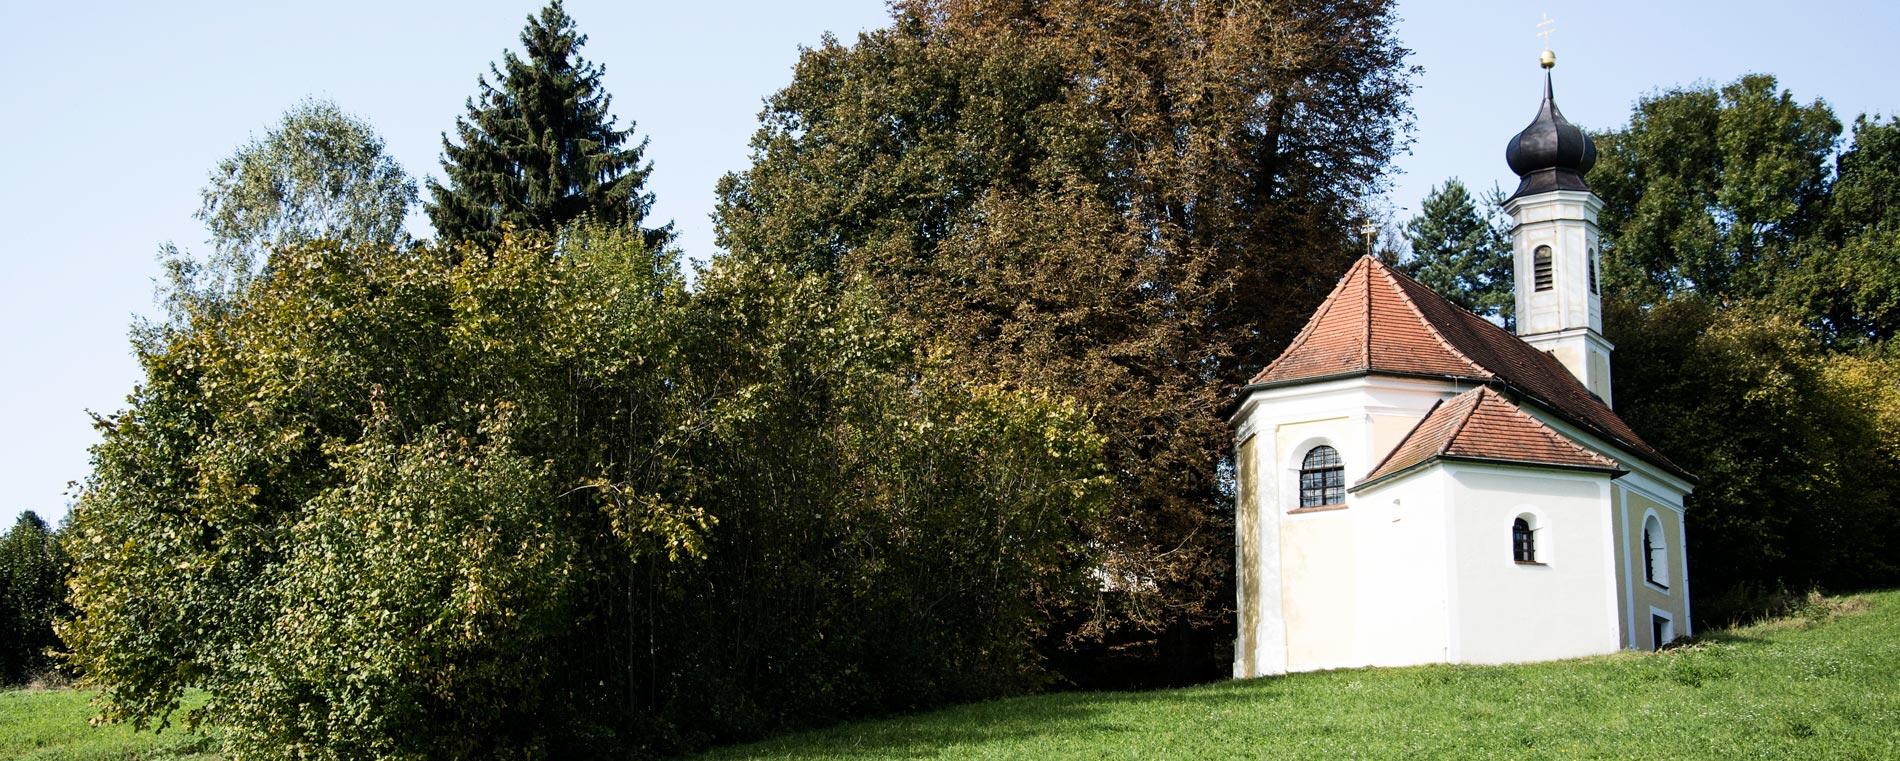 Bestattung Landshut